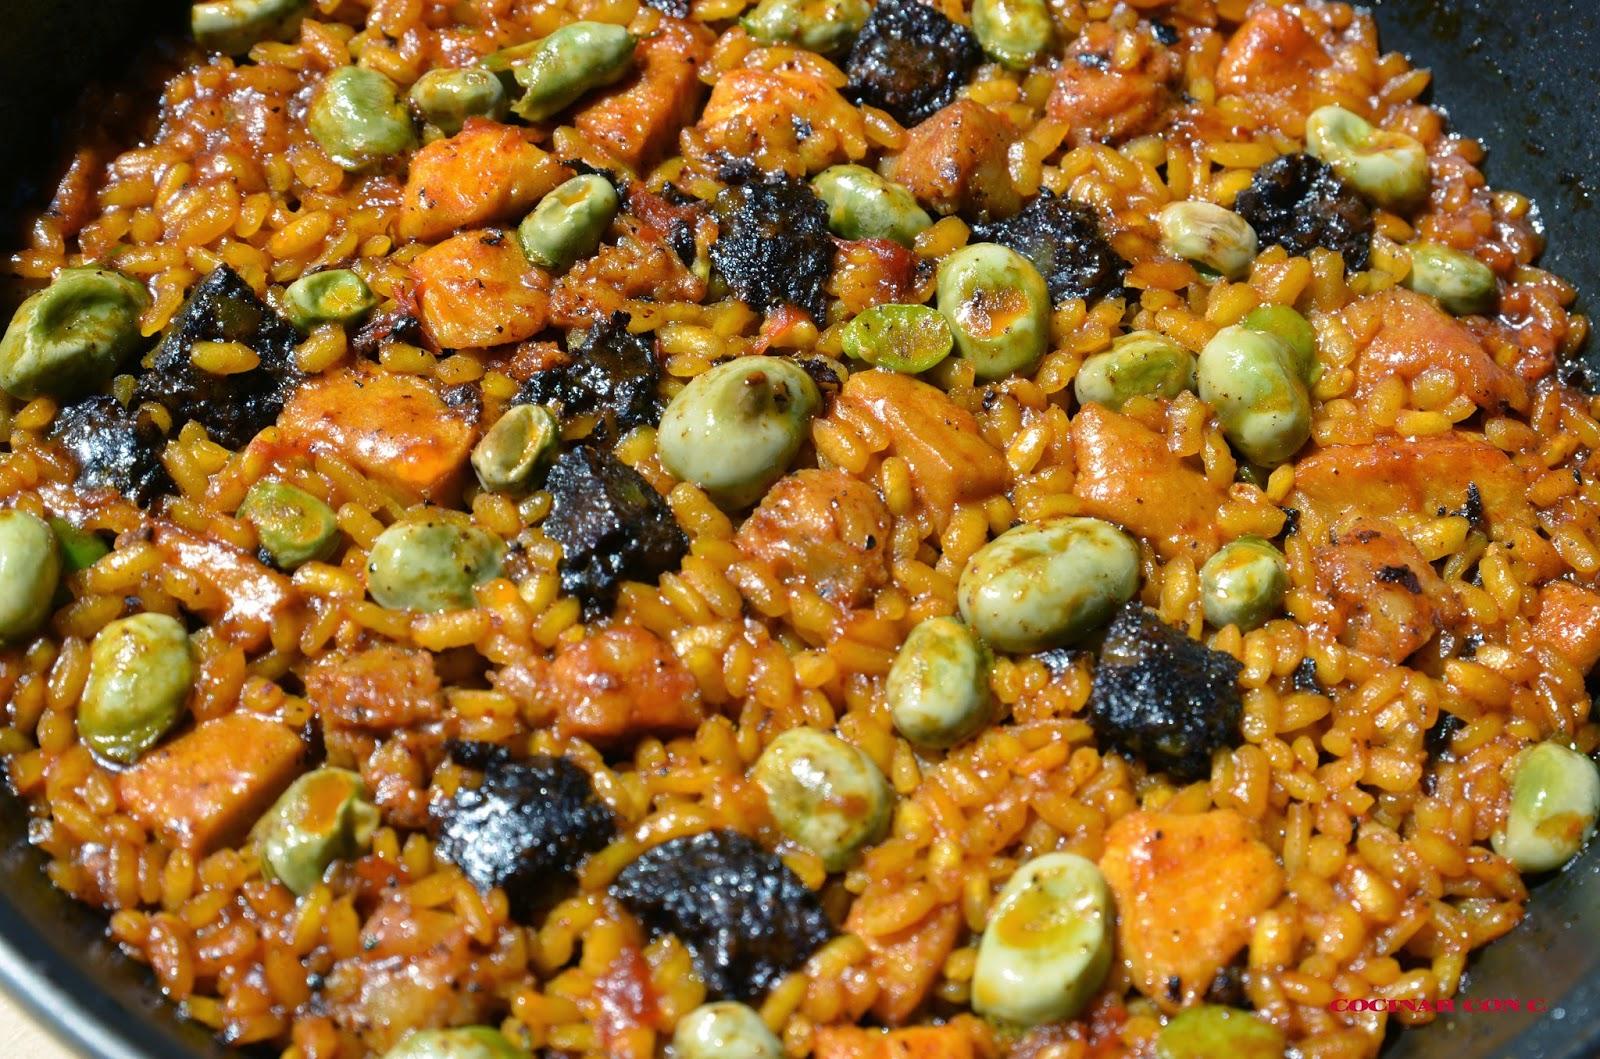 Cocinar con c arroz con habas pollo y morcilla de carne for Cocinar con 5 ingredientes